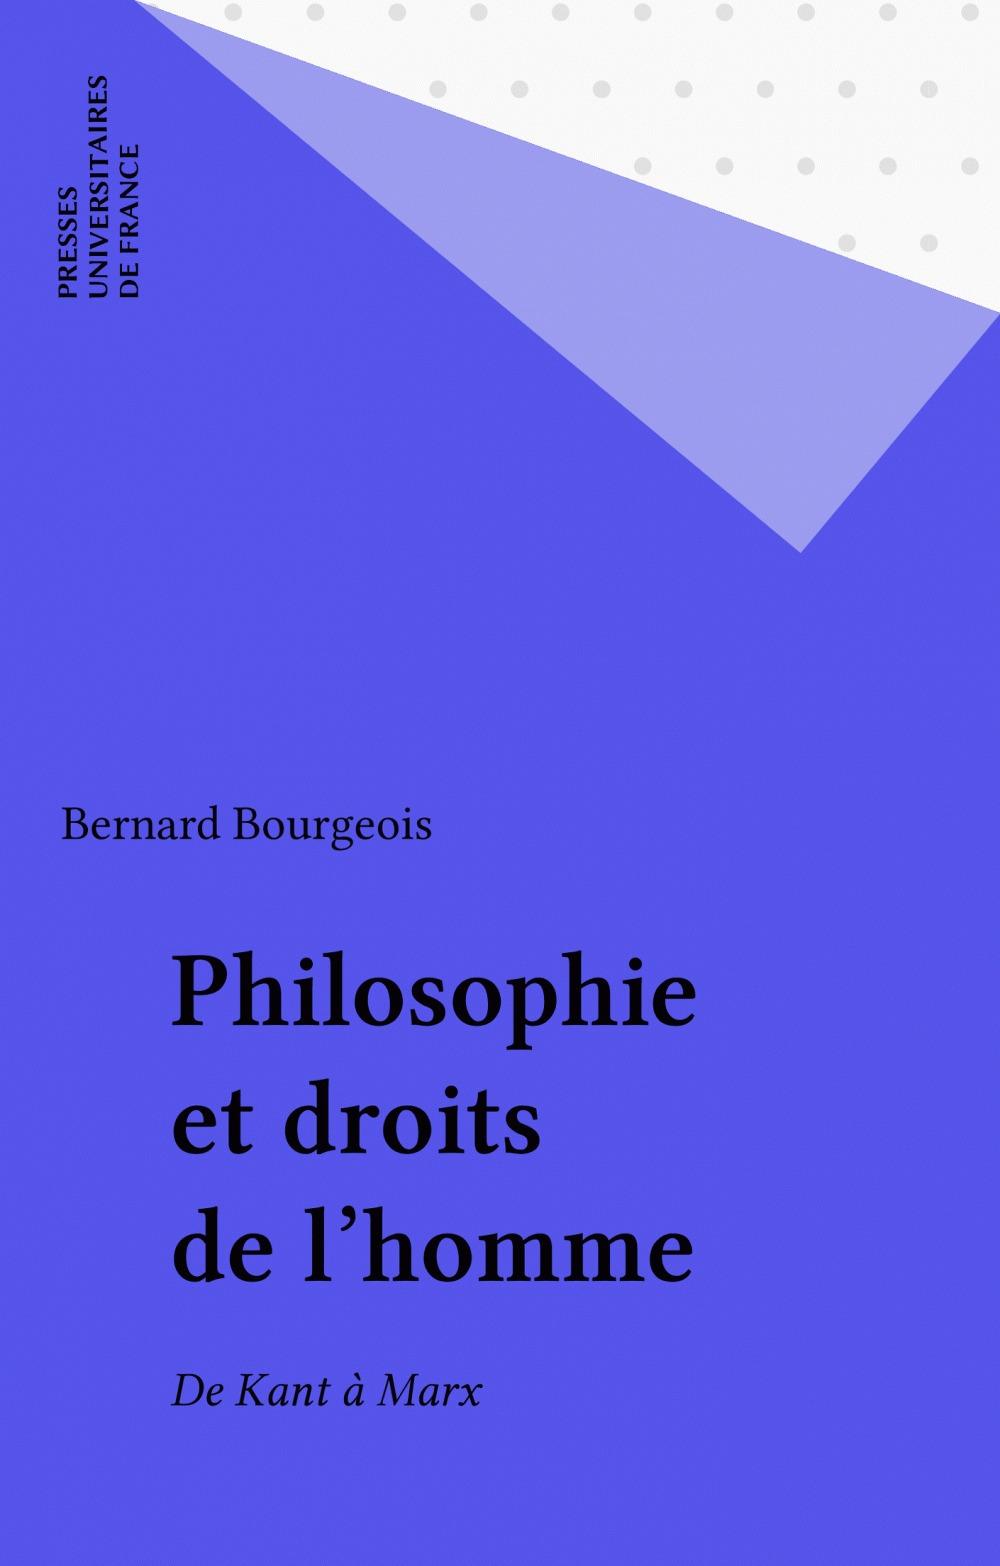 Bernard Bourgeois Philosophie et droits de l'homme